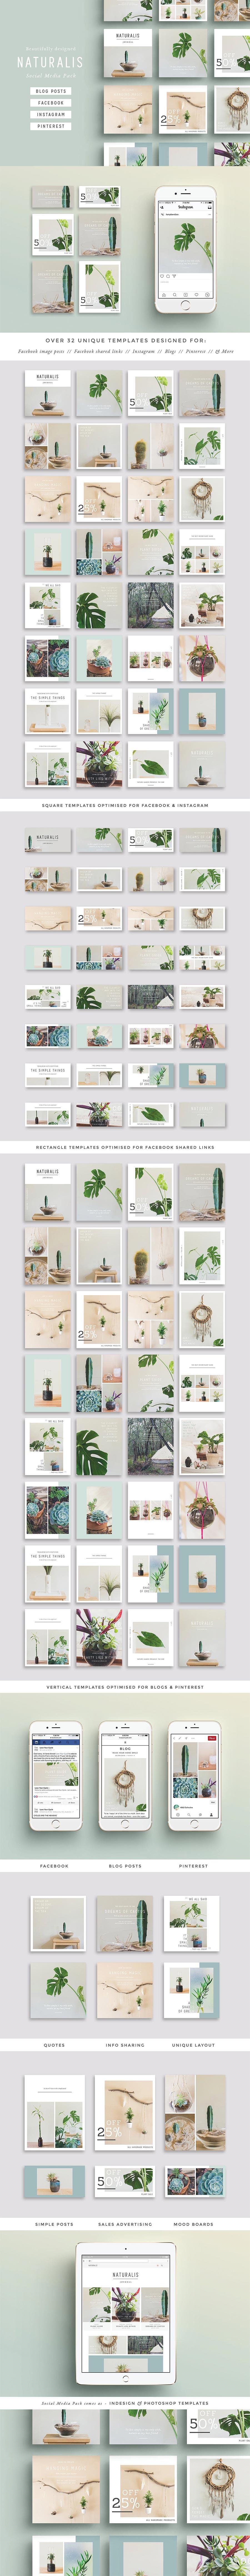 自然、绿色植物、环保居家感觉的广告图设计素材打包下载(PSD,1GB)